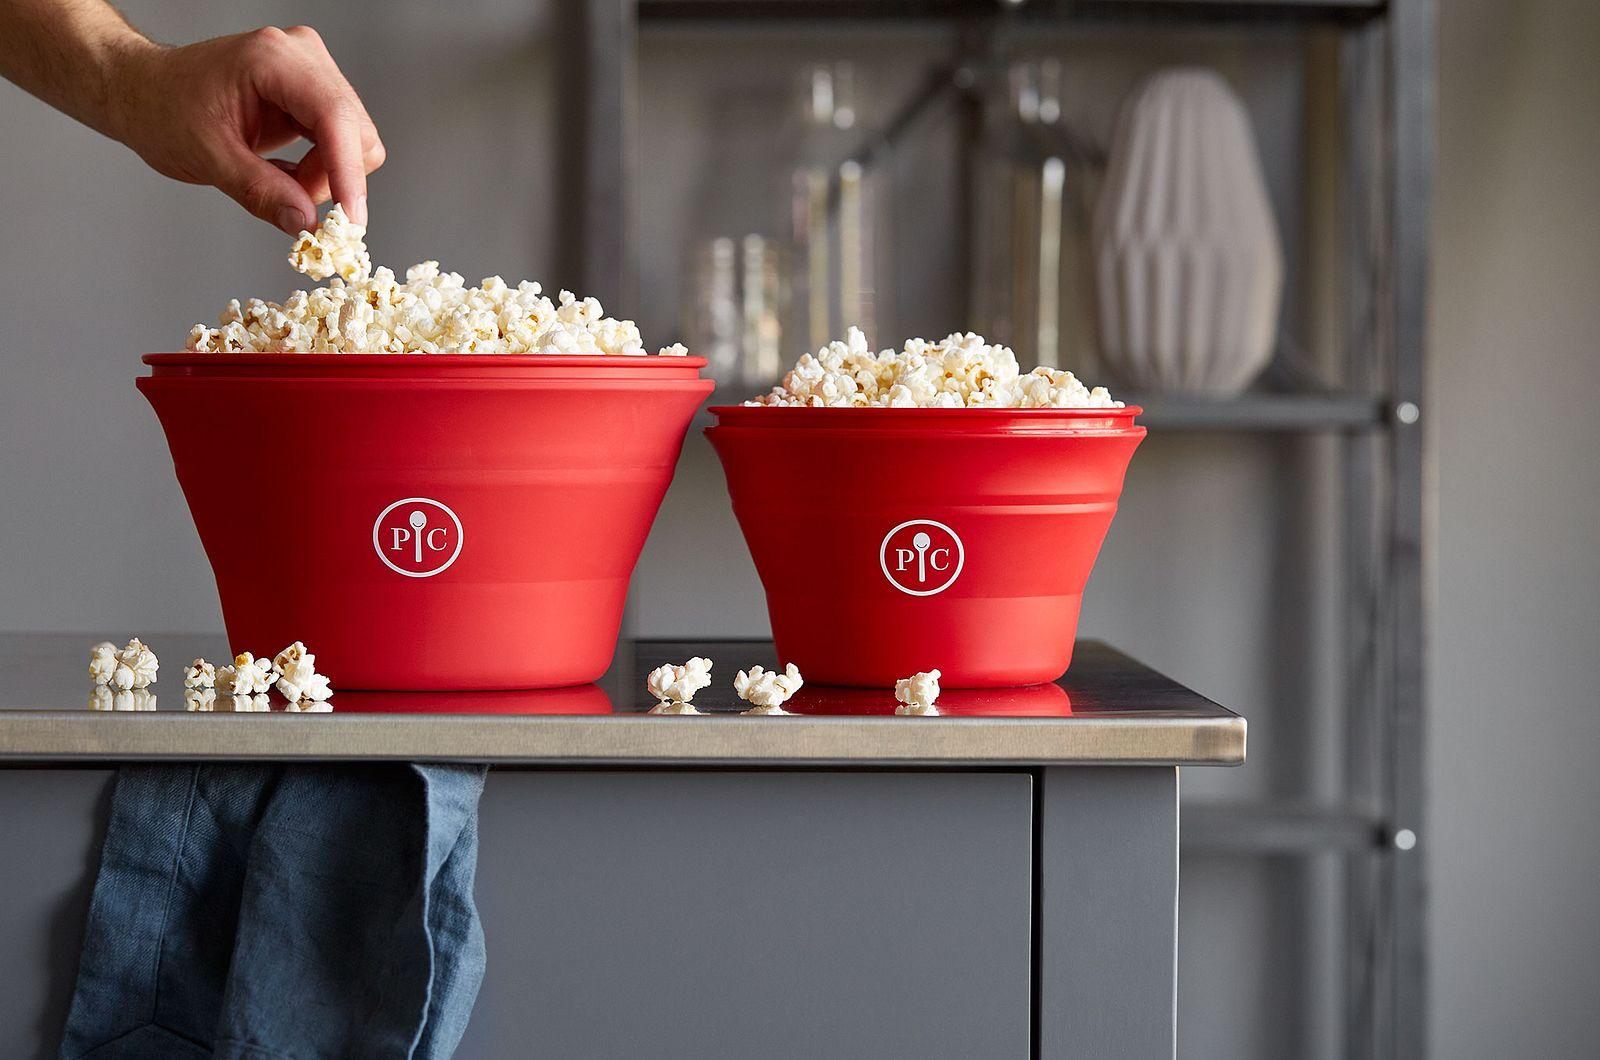 Family-Size Microwave Popcorn Maker